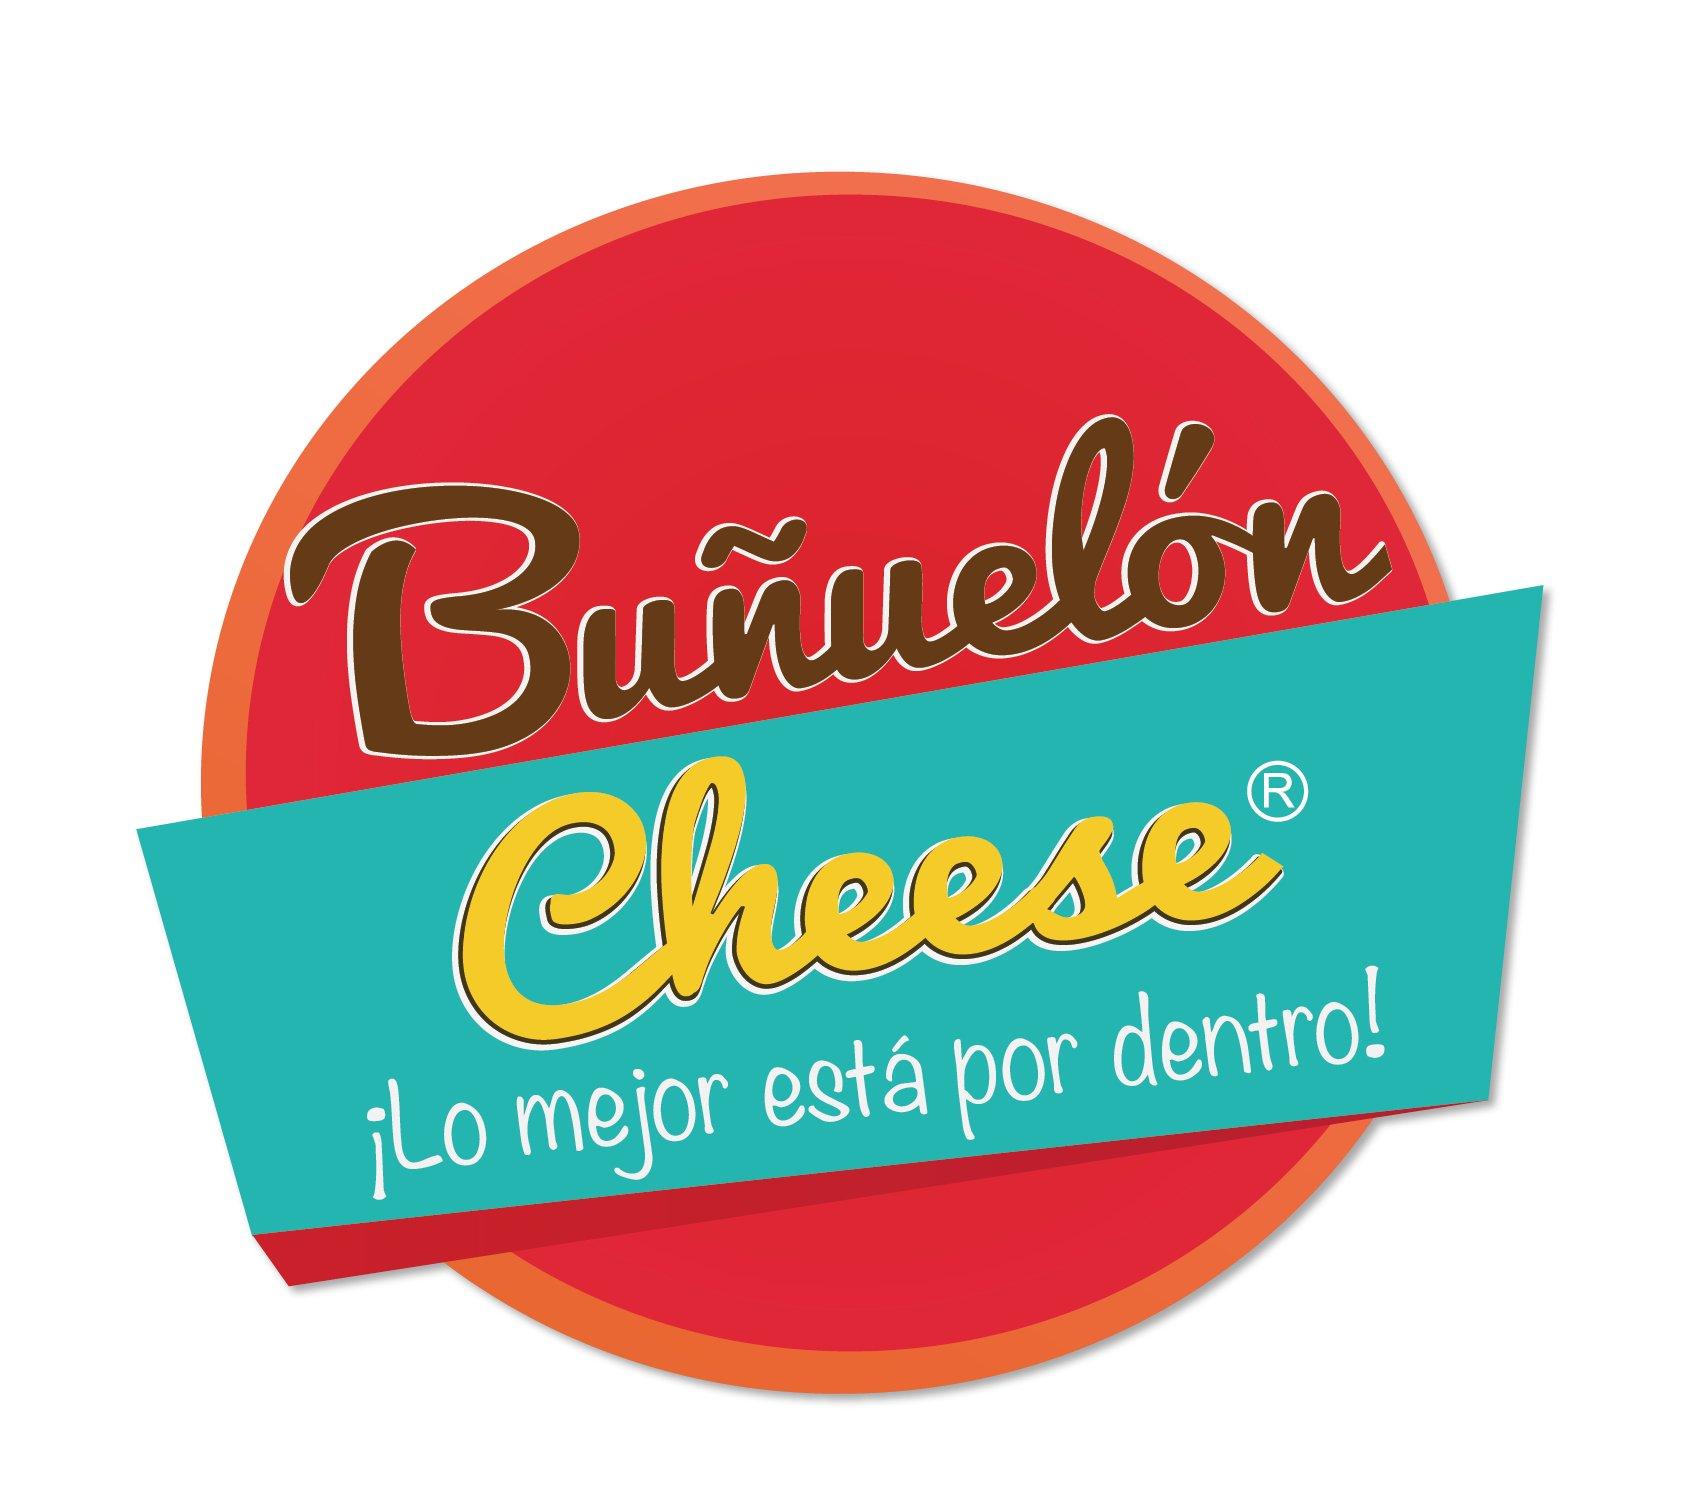 Buñuelón Cheese-Manizales Calle 58